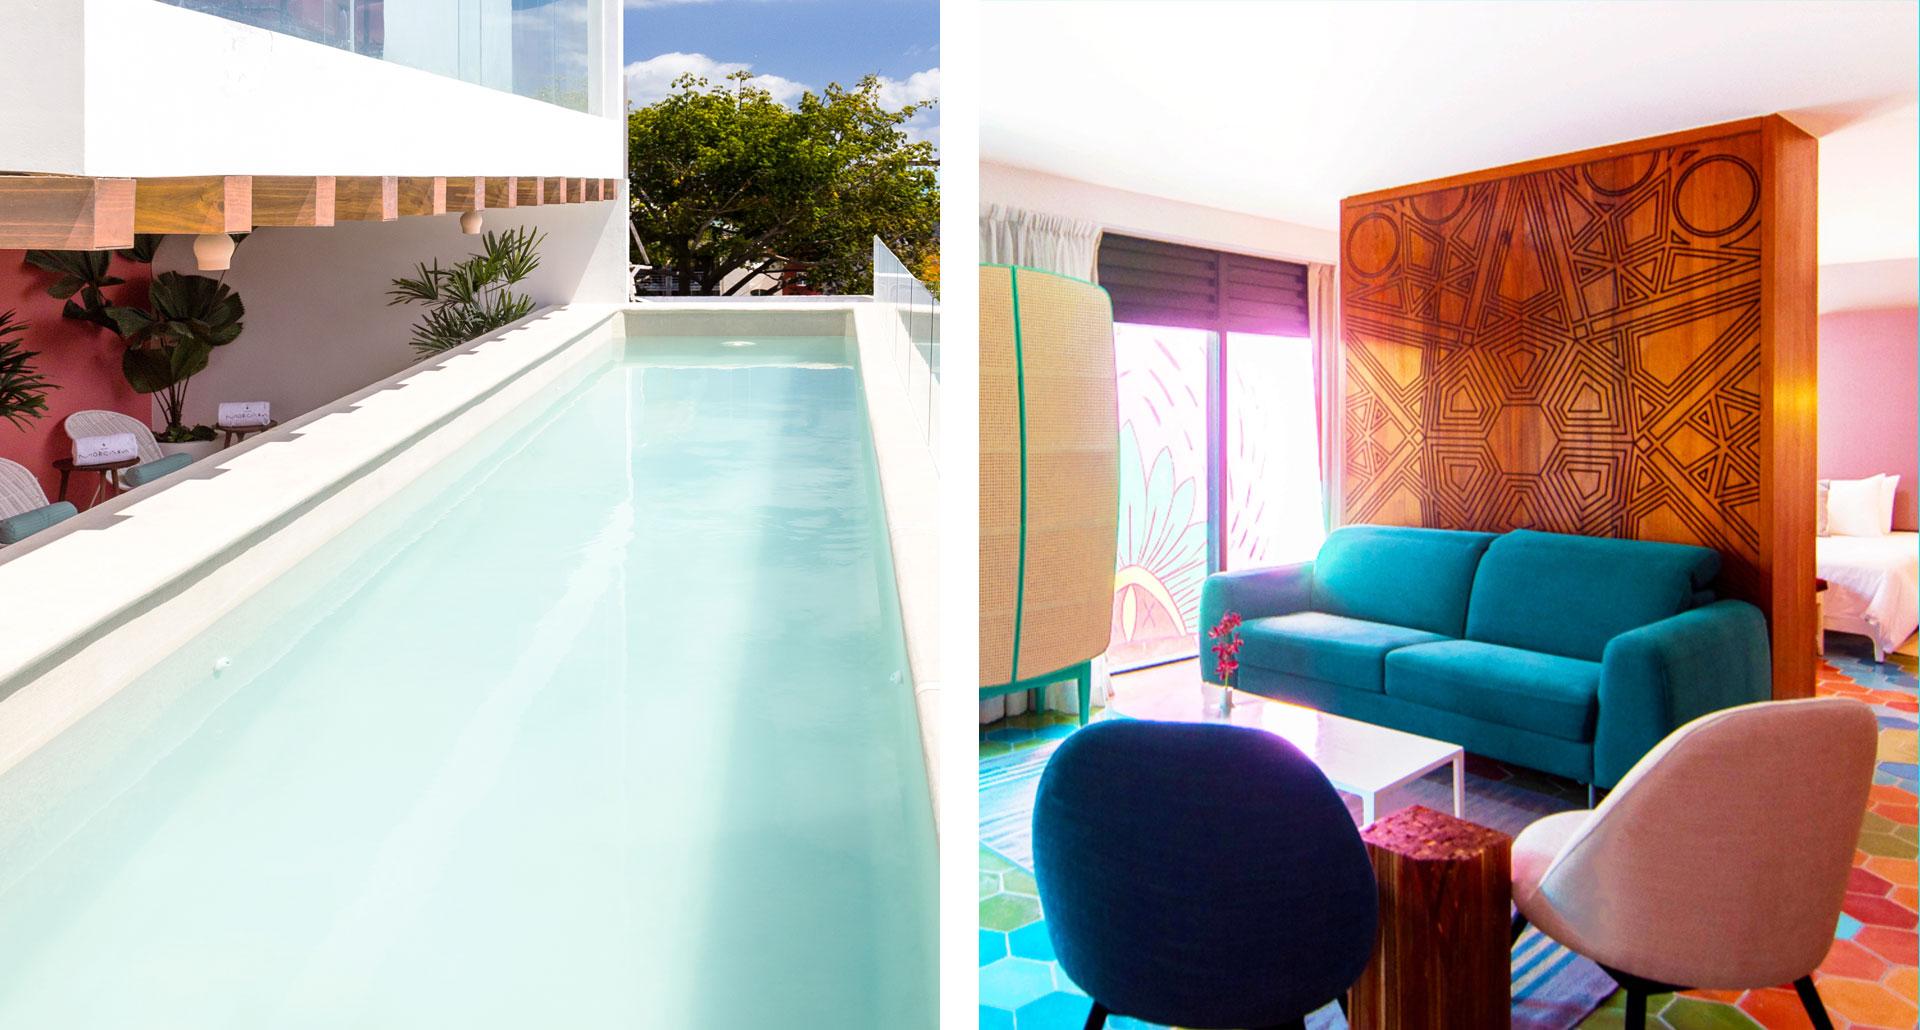 Hotel Morgana - boutique hotel in Playa del Carmen